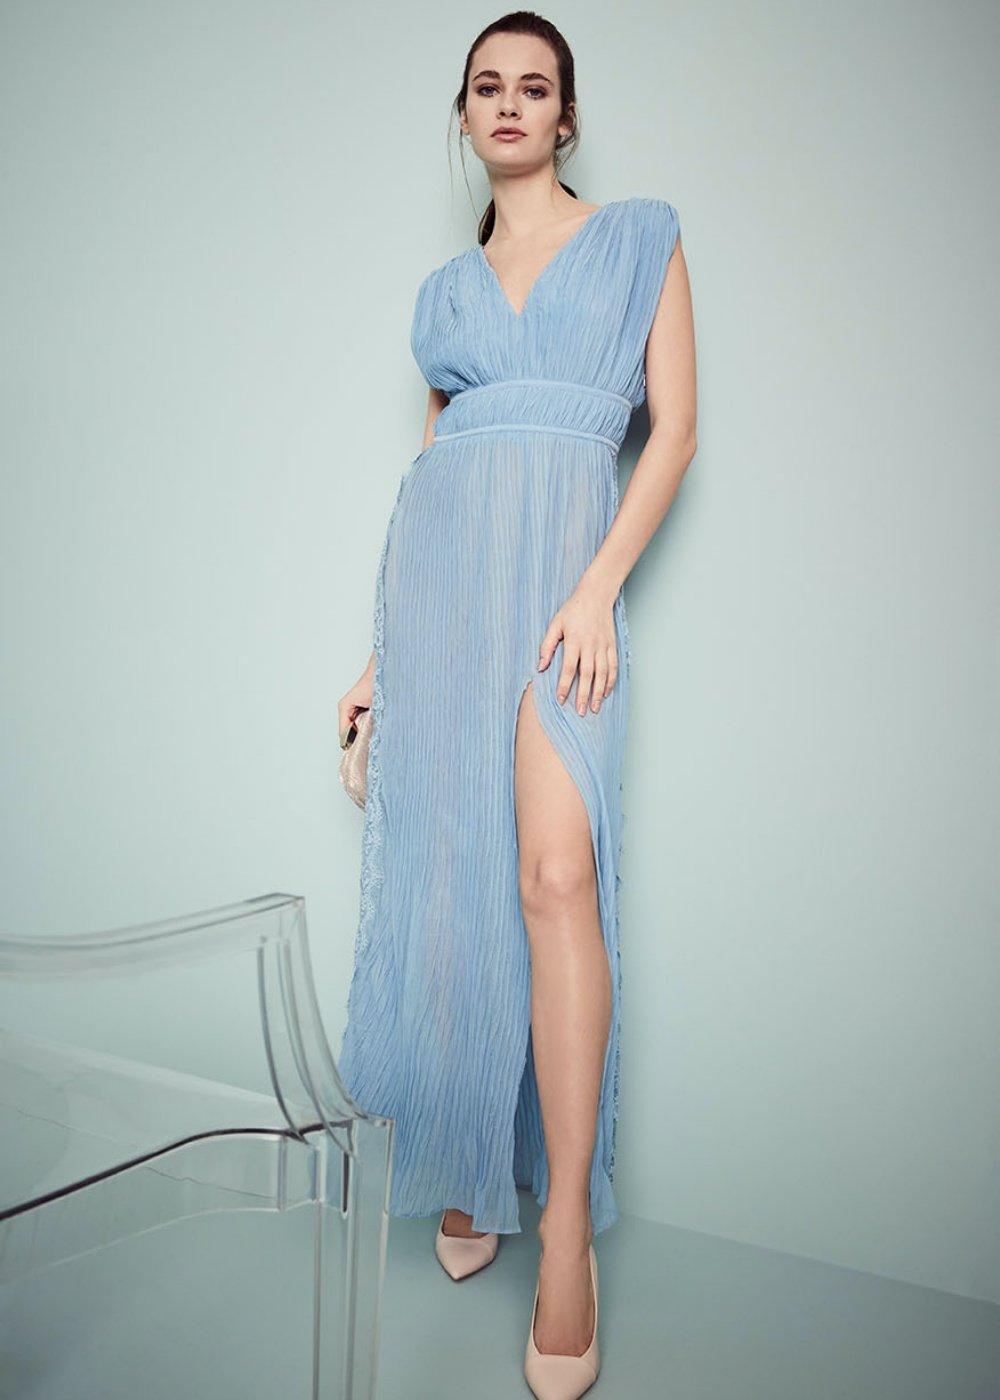 Artur empire dress - Blue sky - Woman